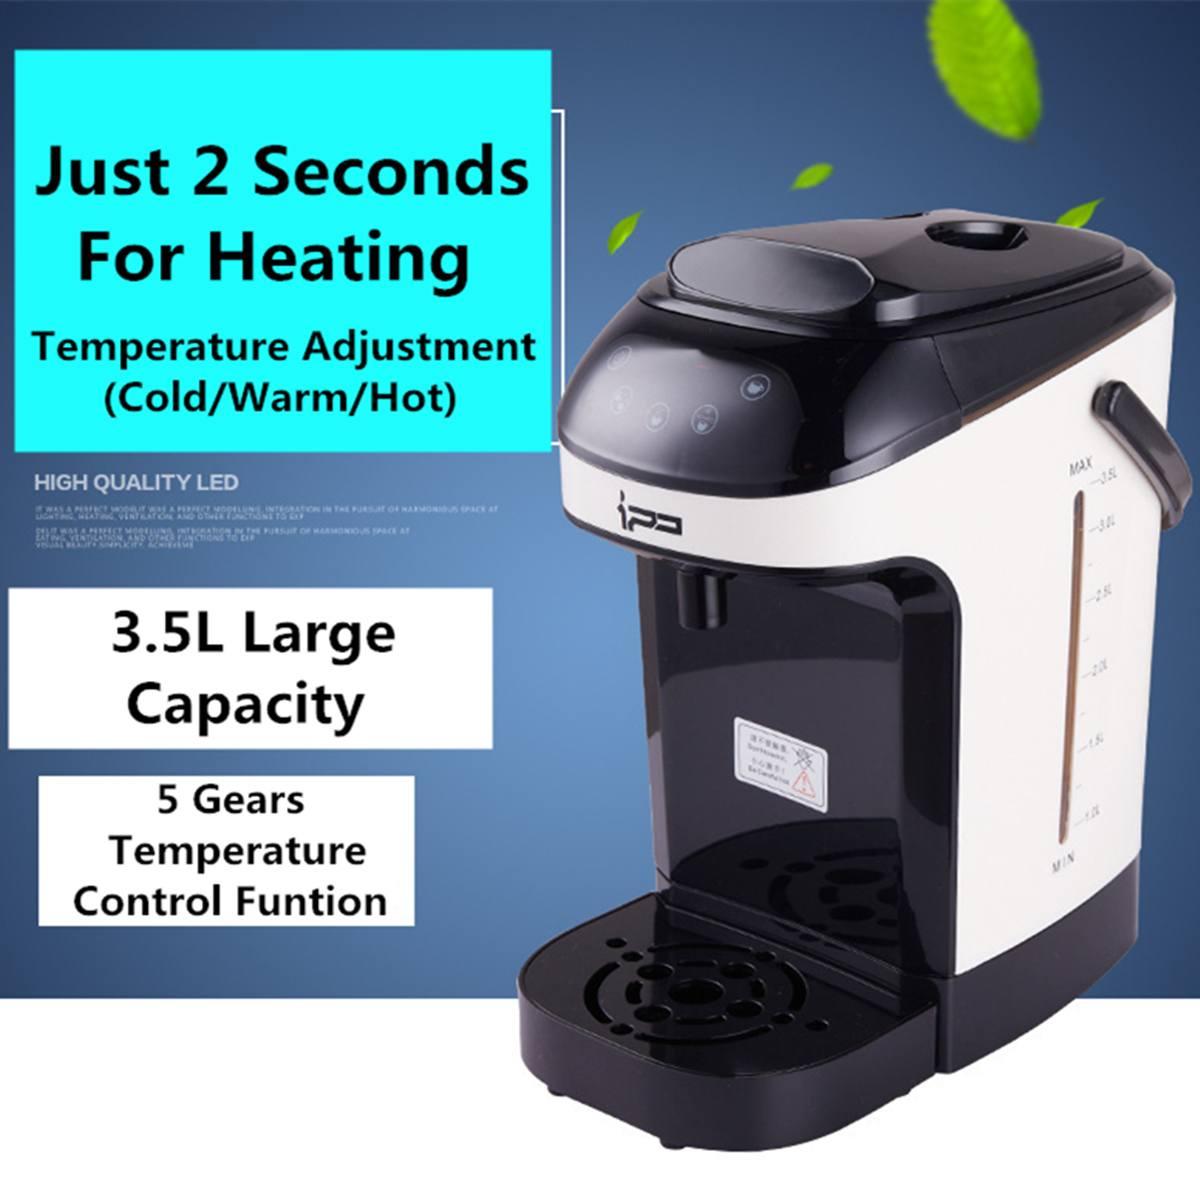 3.5L eau chaude instantanée bouilloire électrique chauffage chaudière fabricant distributeur température réglable café thé fabricant bureau